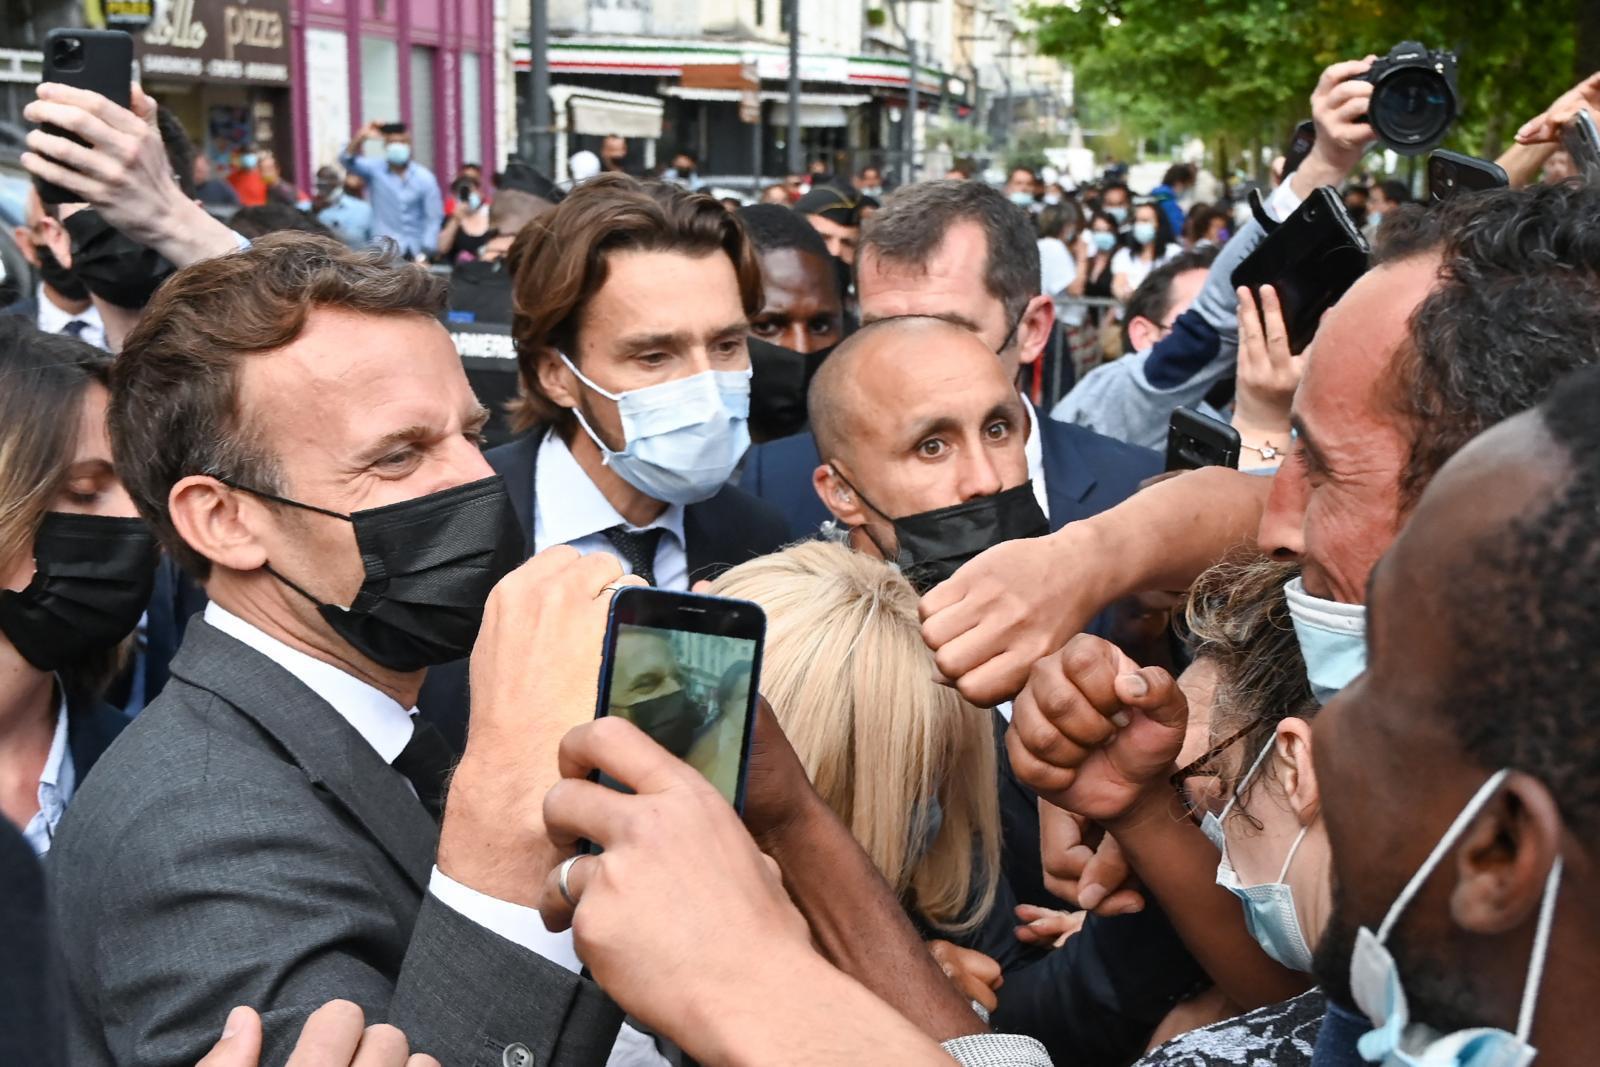 ยุโรปป่วนเจอเดลตา ผู้ติดเชื้อเพิ่มแม้ฉีดวัคซีนได้มาก